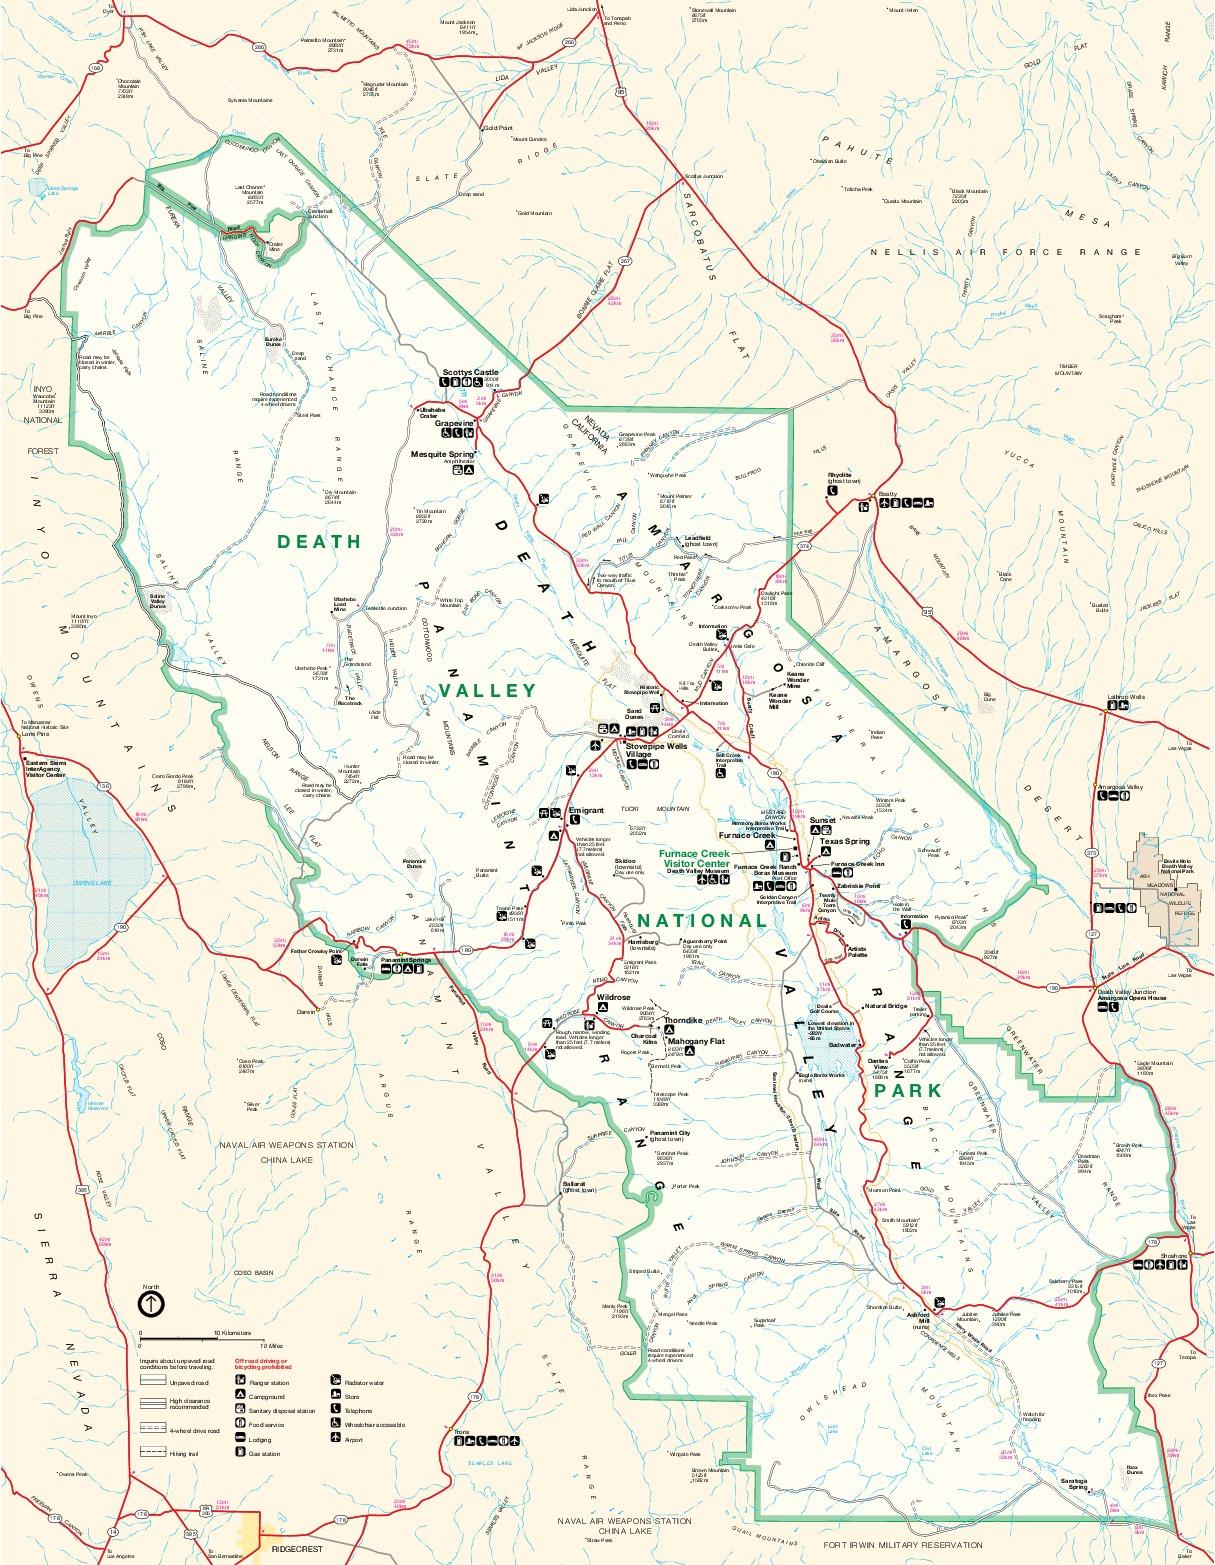 Mapa del Parque Nacionalath Valle, California y Nevada, Estados Unidos